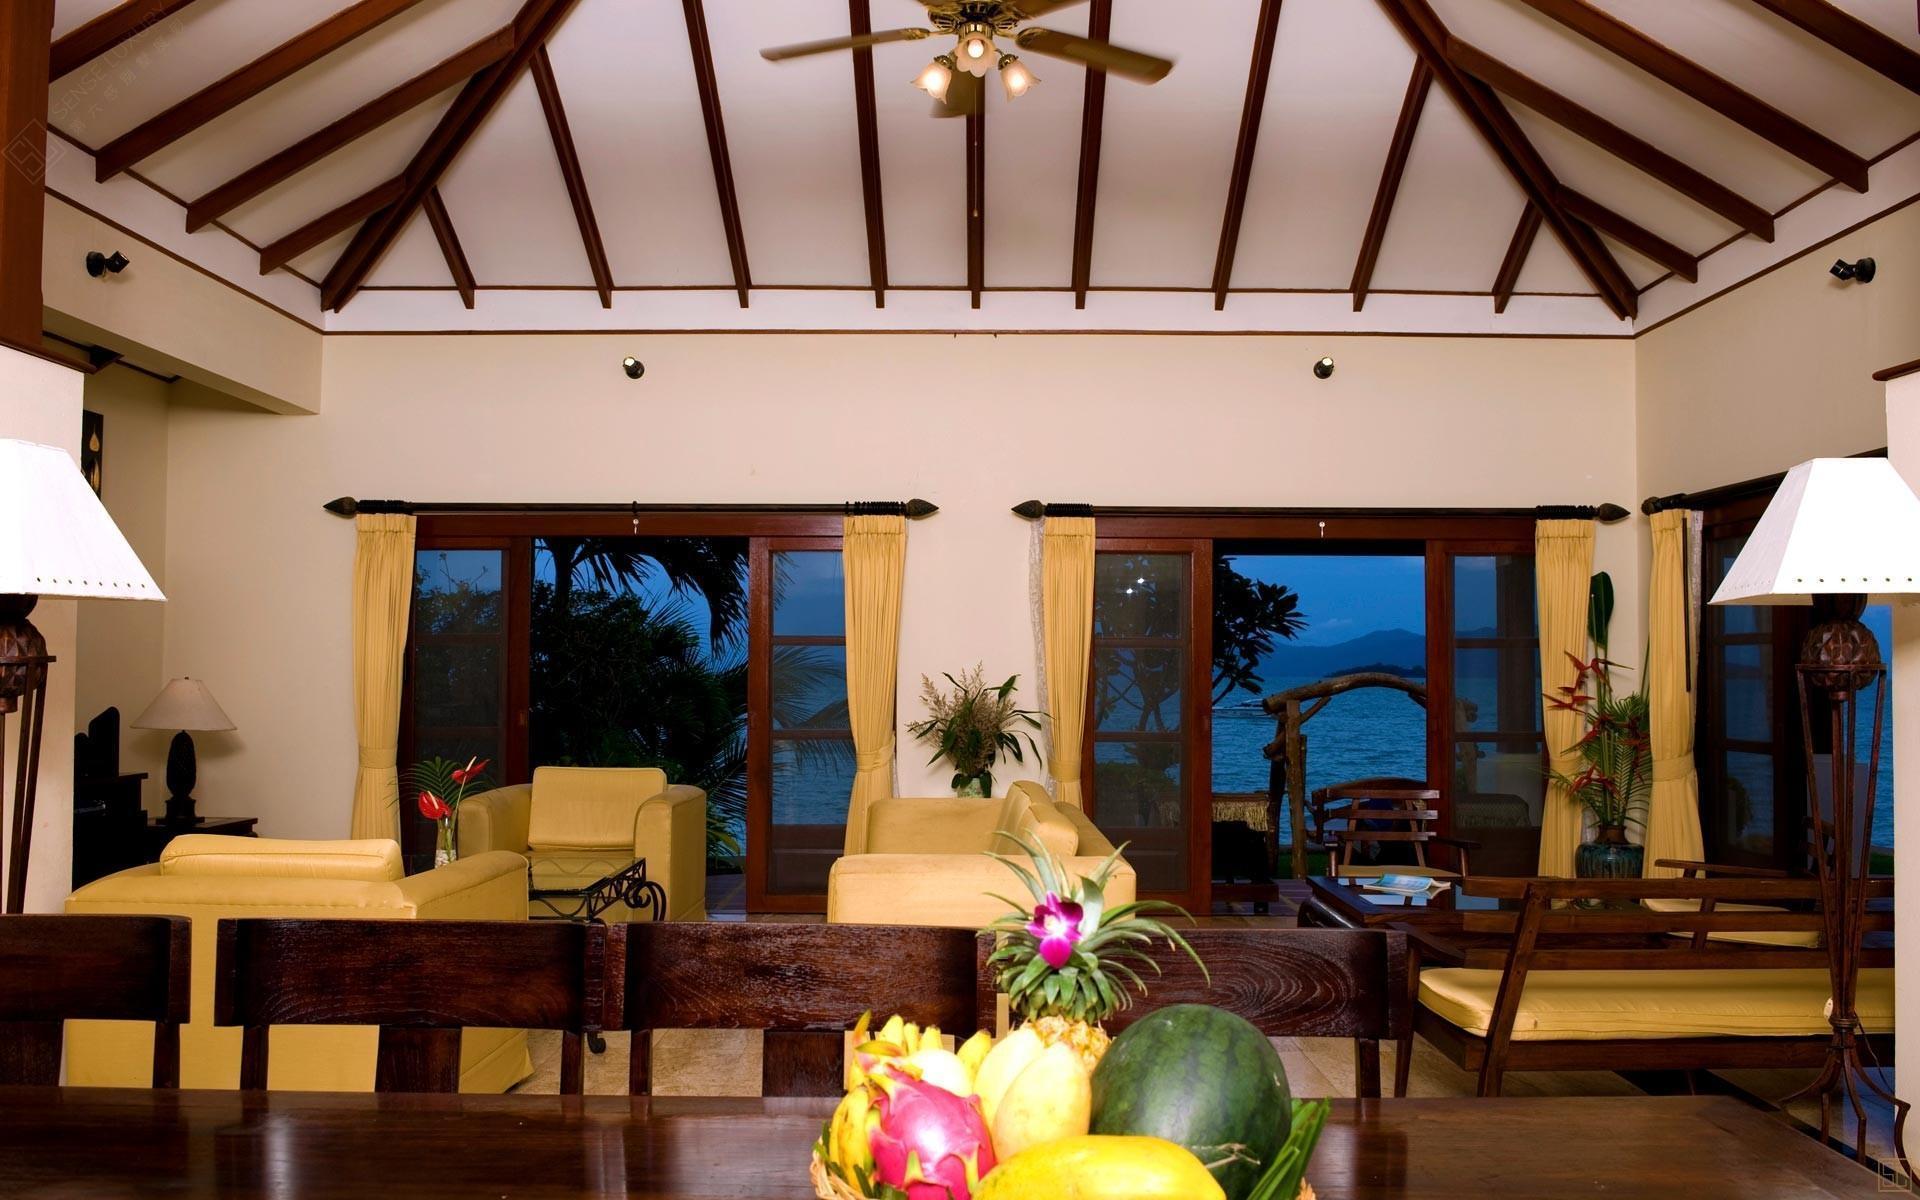 泰国苏梅岛密斯卡湾罗望子别墅客厅内景